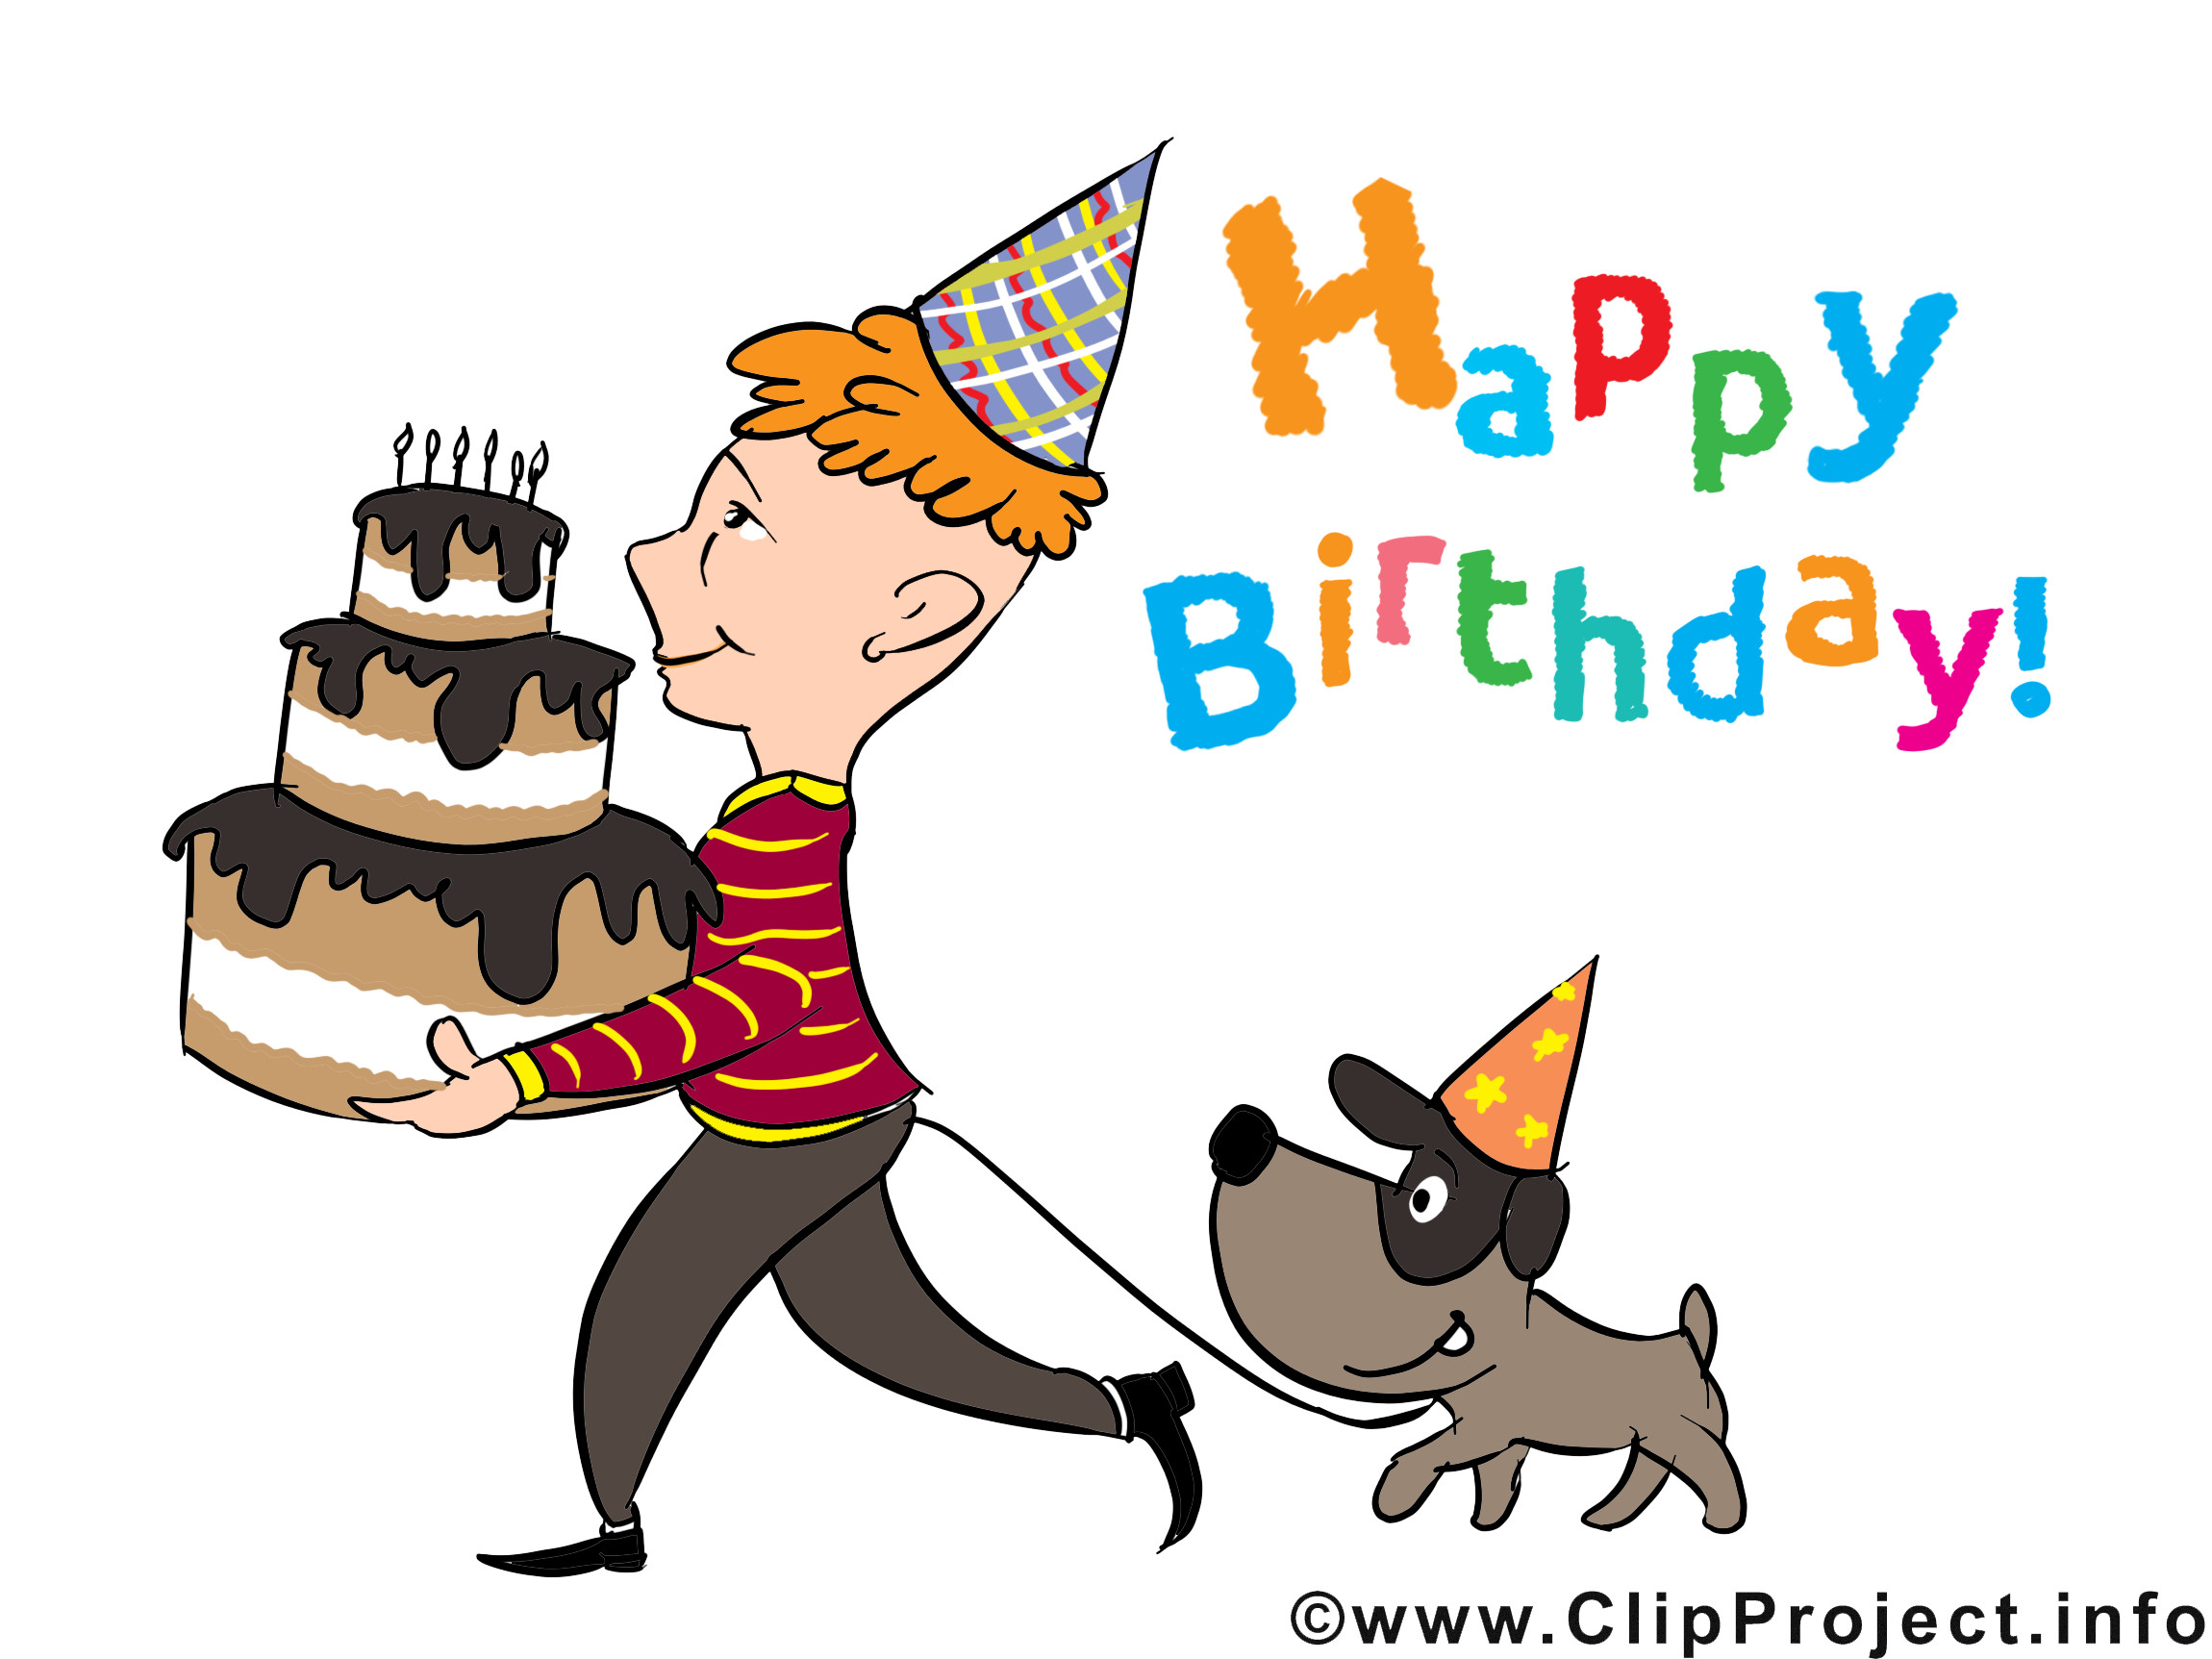 Happy Birthday Zum Ausdrucken Genial Happy Birthday Zum Ausdrucken Kostenlos — Hylenddawards Sammlung